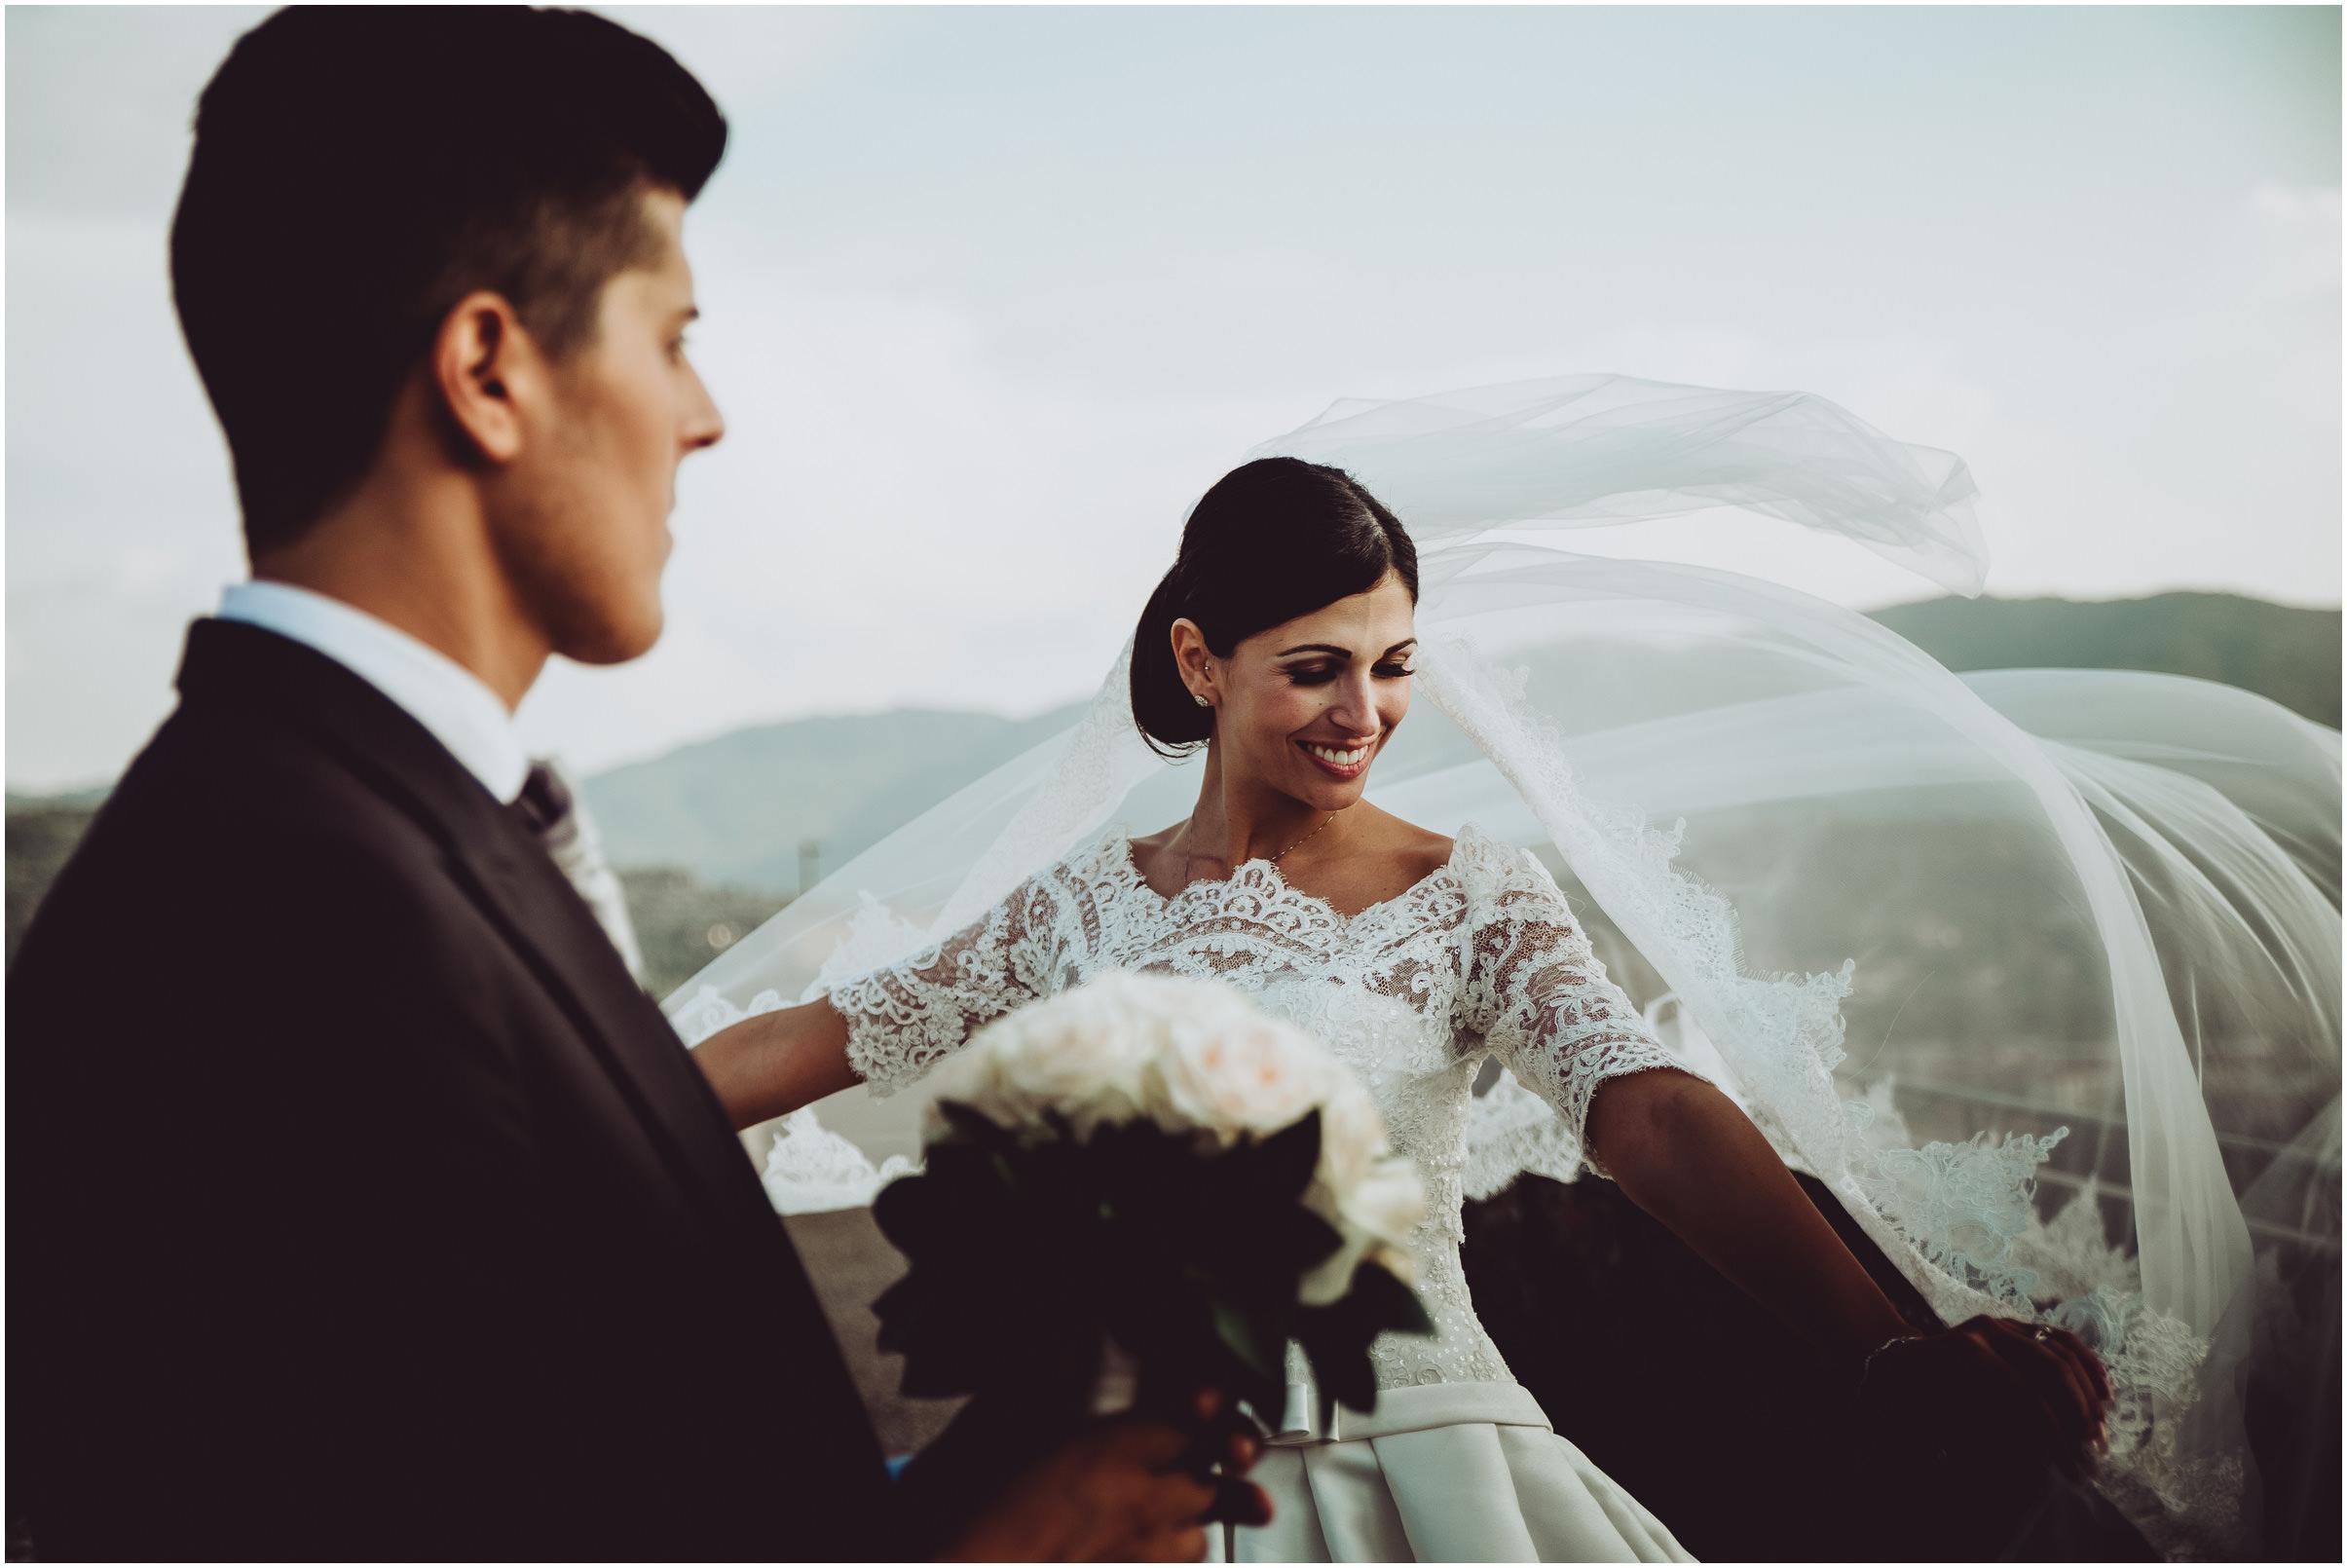 WEDDING-PHOTOGRAPHY-SARA-LORENZONI-FOTOGRAFIA-MATRIMONIO-AREZZO-TUSCANY-EVENTO-LE-SPOSE-DI-GIANNI-ELISA-LUCA043